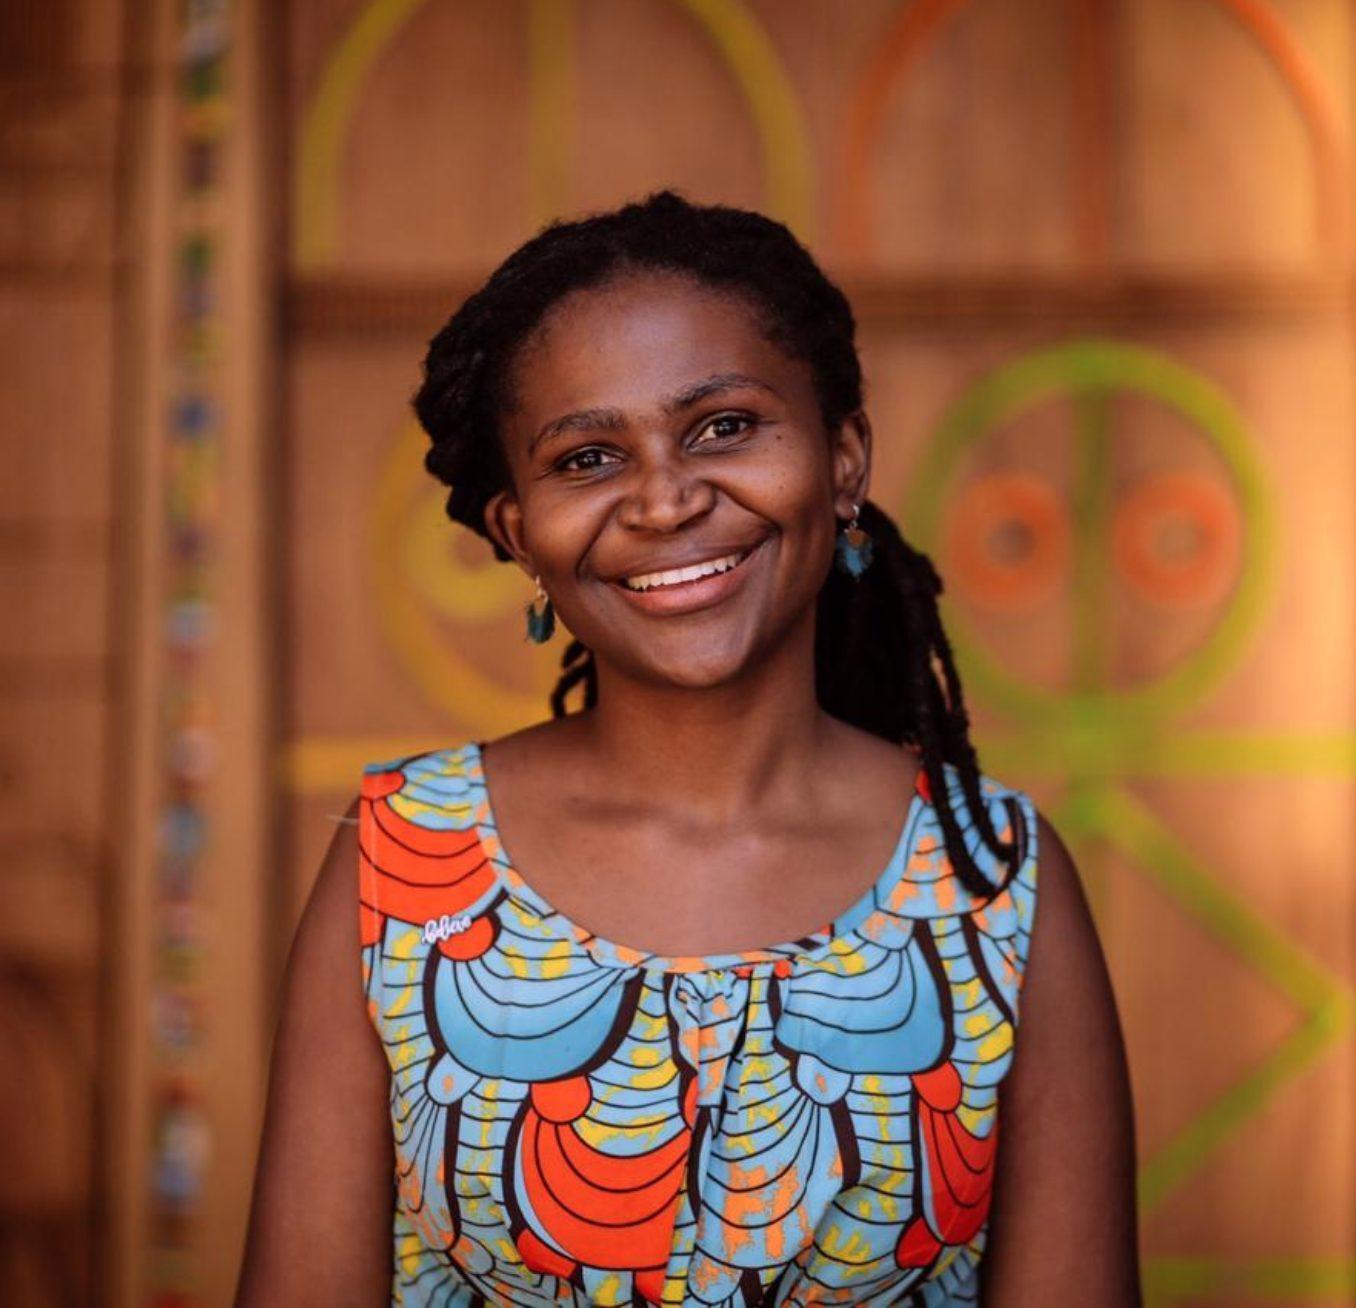 Lusanda ajuda jovens carentes na África com ONG Fábrica dos Sonhos